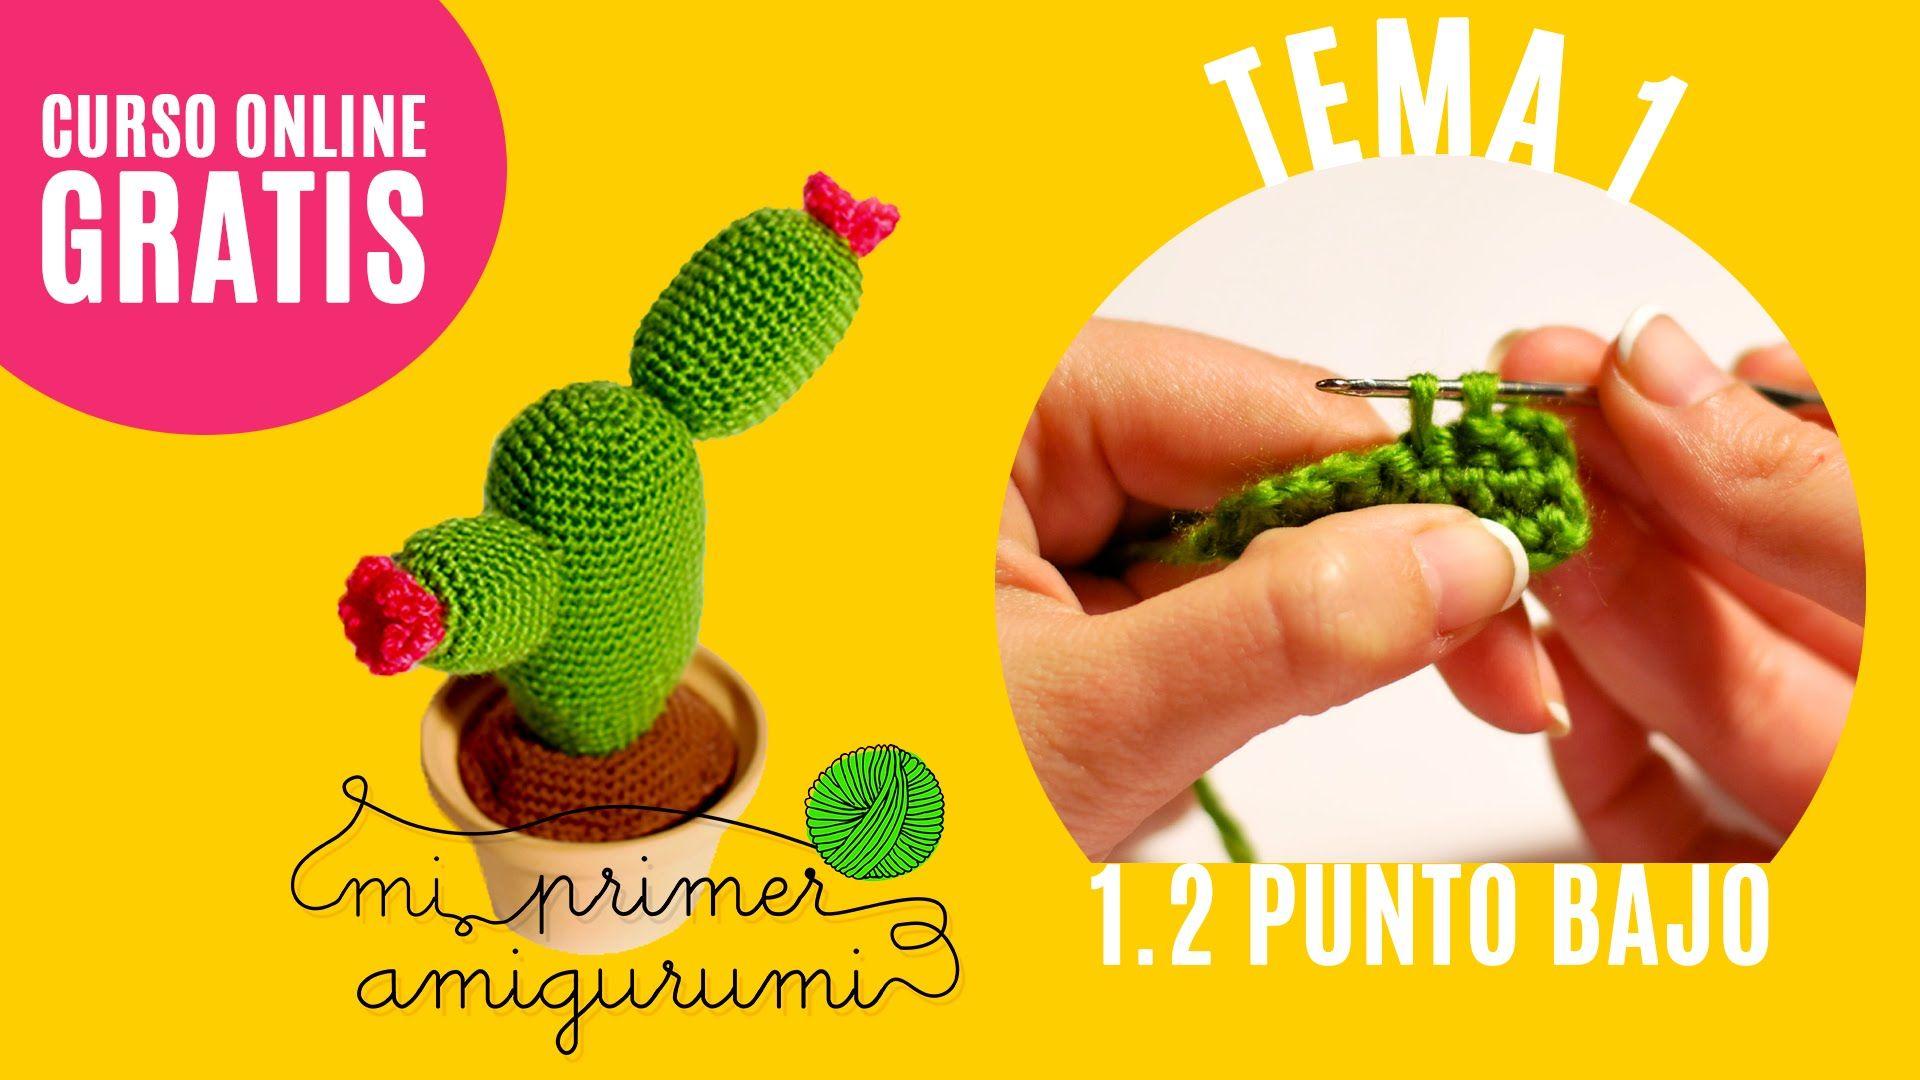 Tema 1 2 Puntos Básicos Punto Bajo Curso Online Mi Primer Amigurumi Tutorial Ganchillo Ganchillo Paso A Paso Amigurumi Patrones Gratis Cactus A Crochet